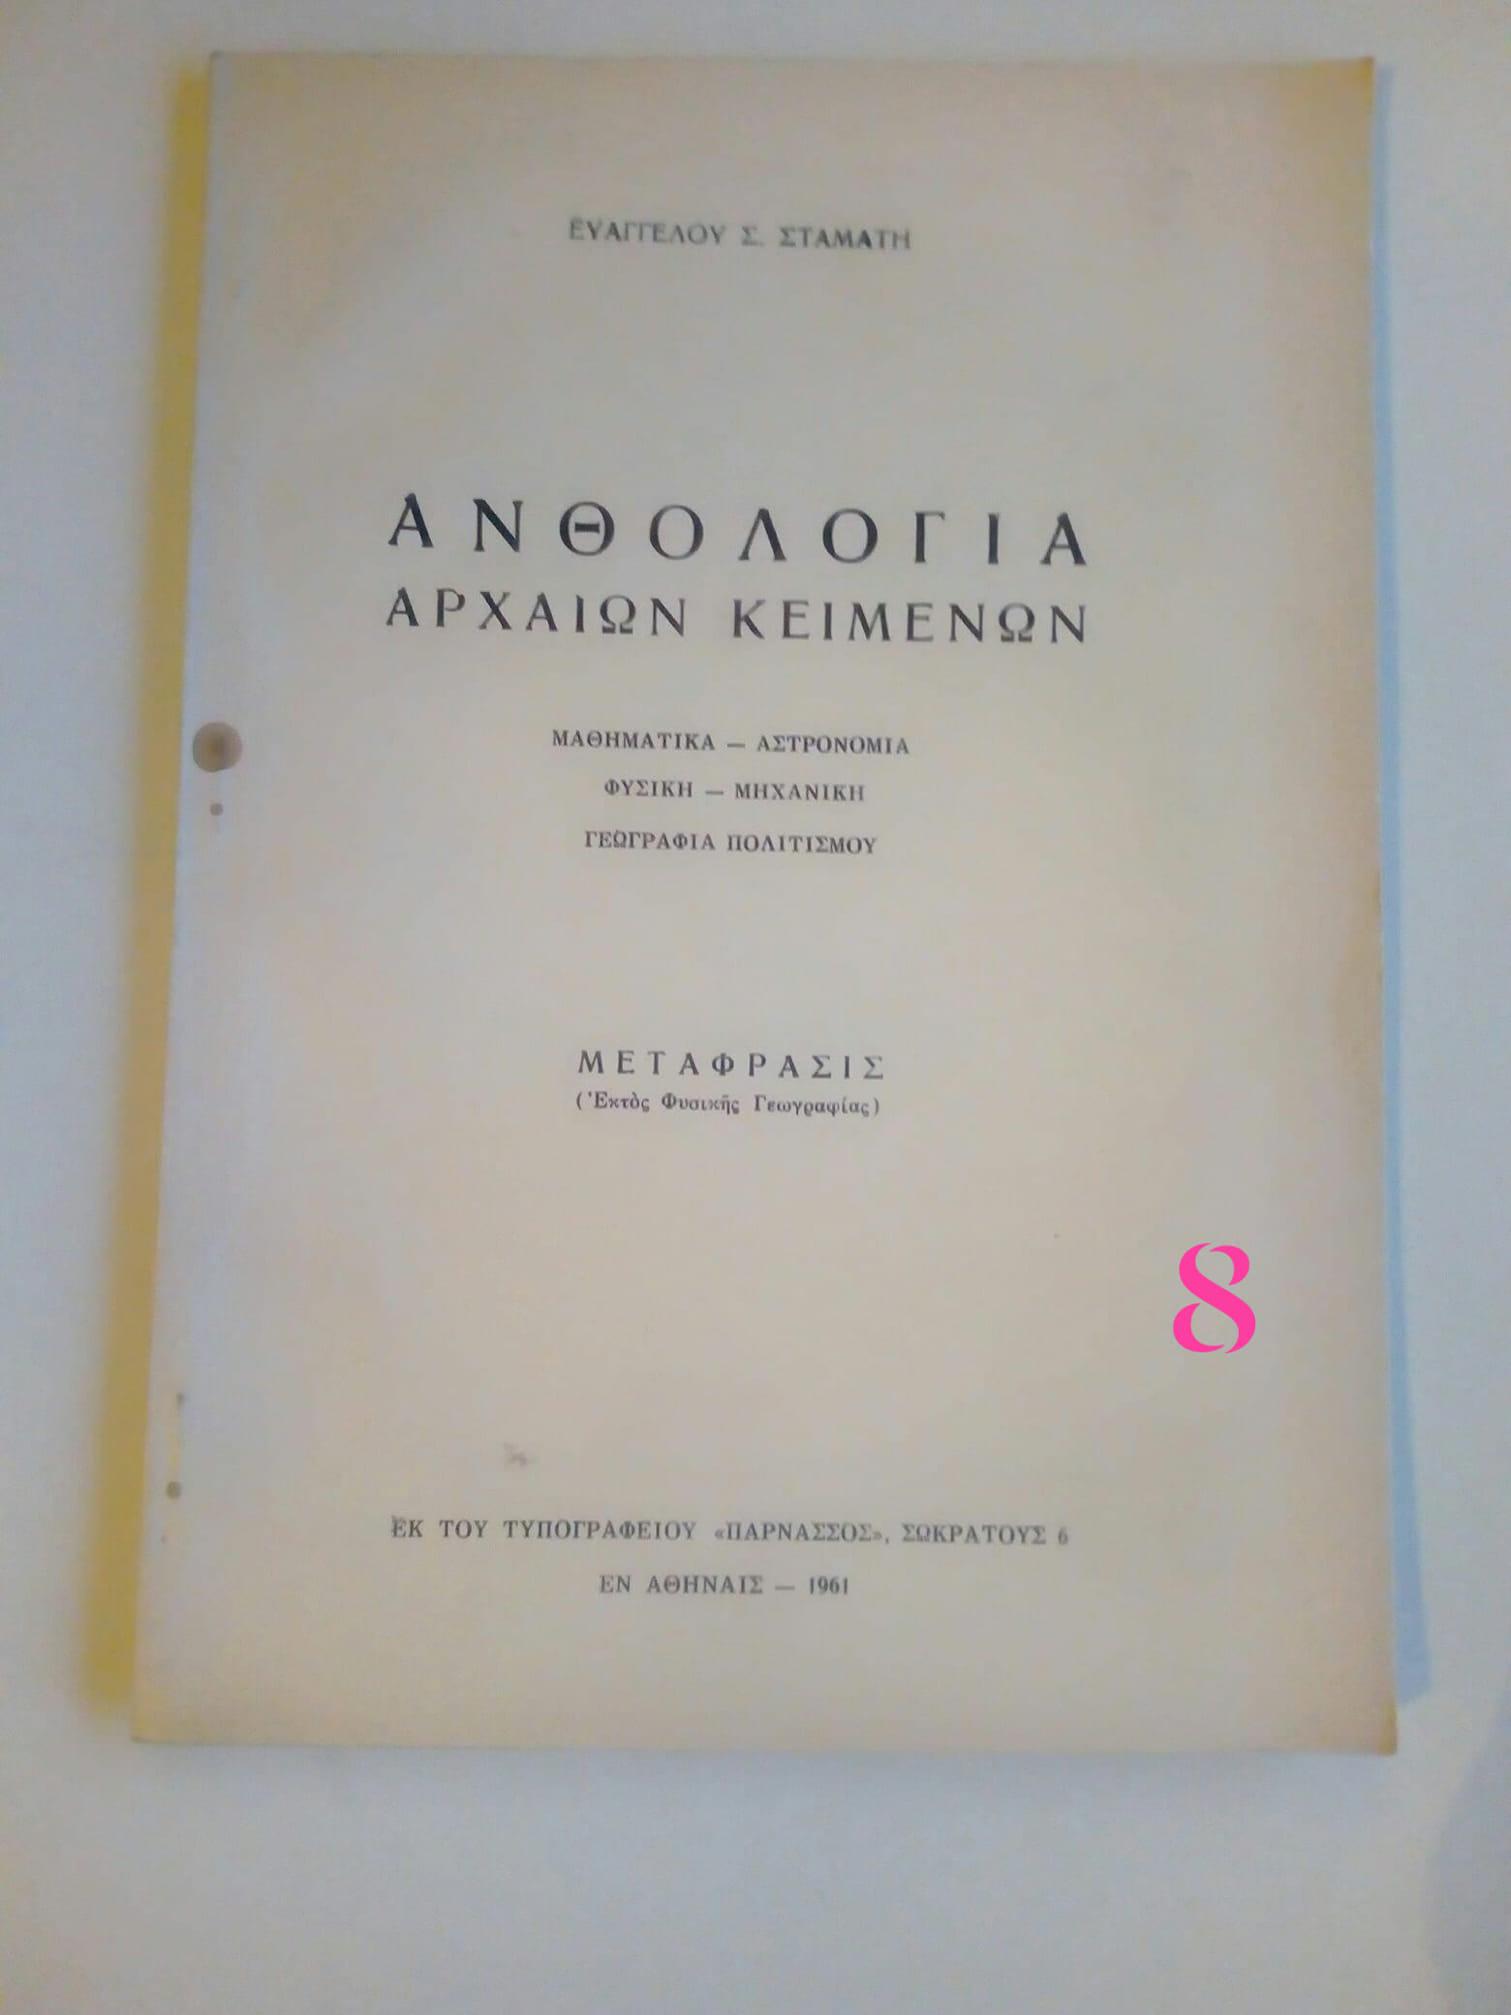 Ανθολογία αρχαίων κειμένων Ευάγγελος Σ. Σταμάτης Παρνασσός 1961